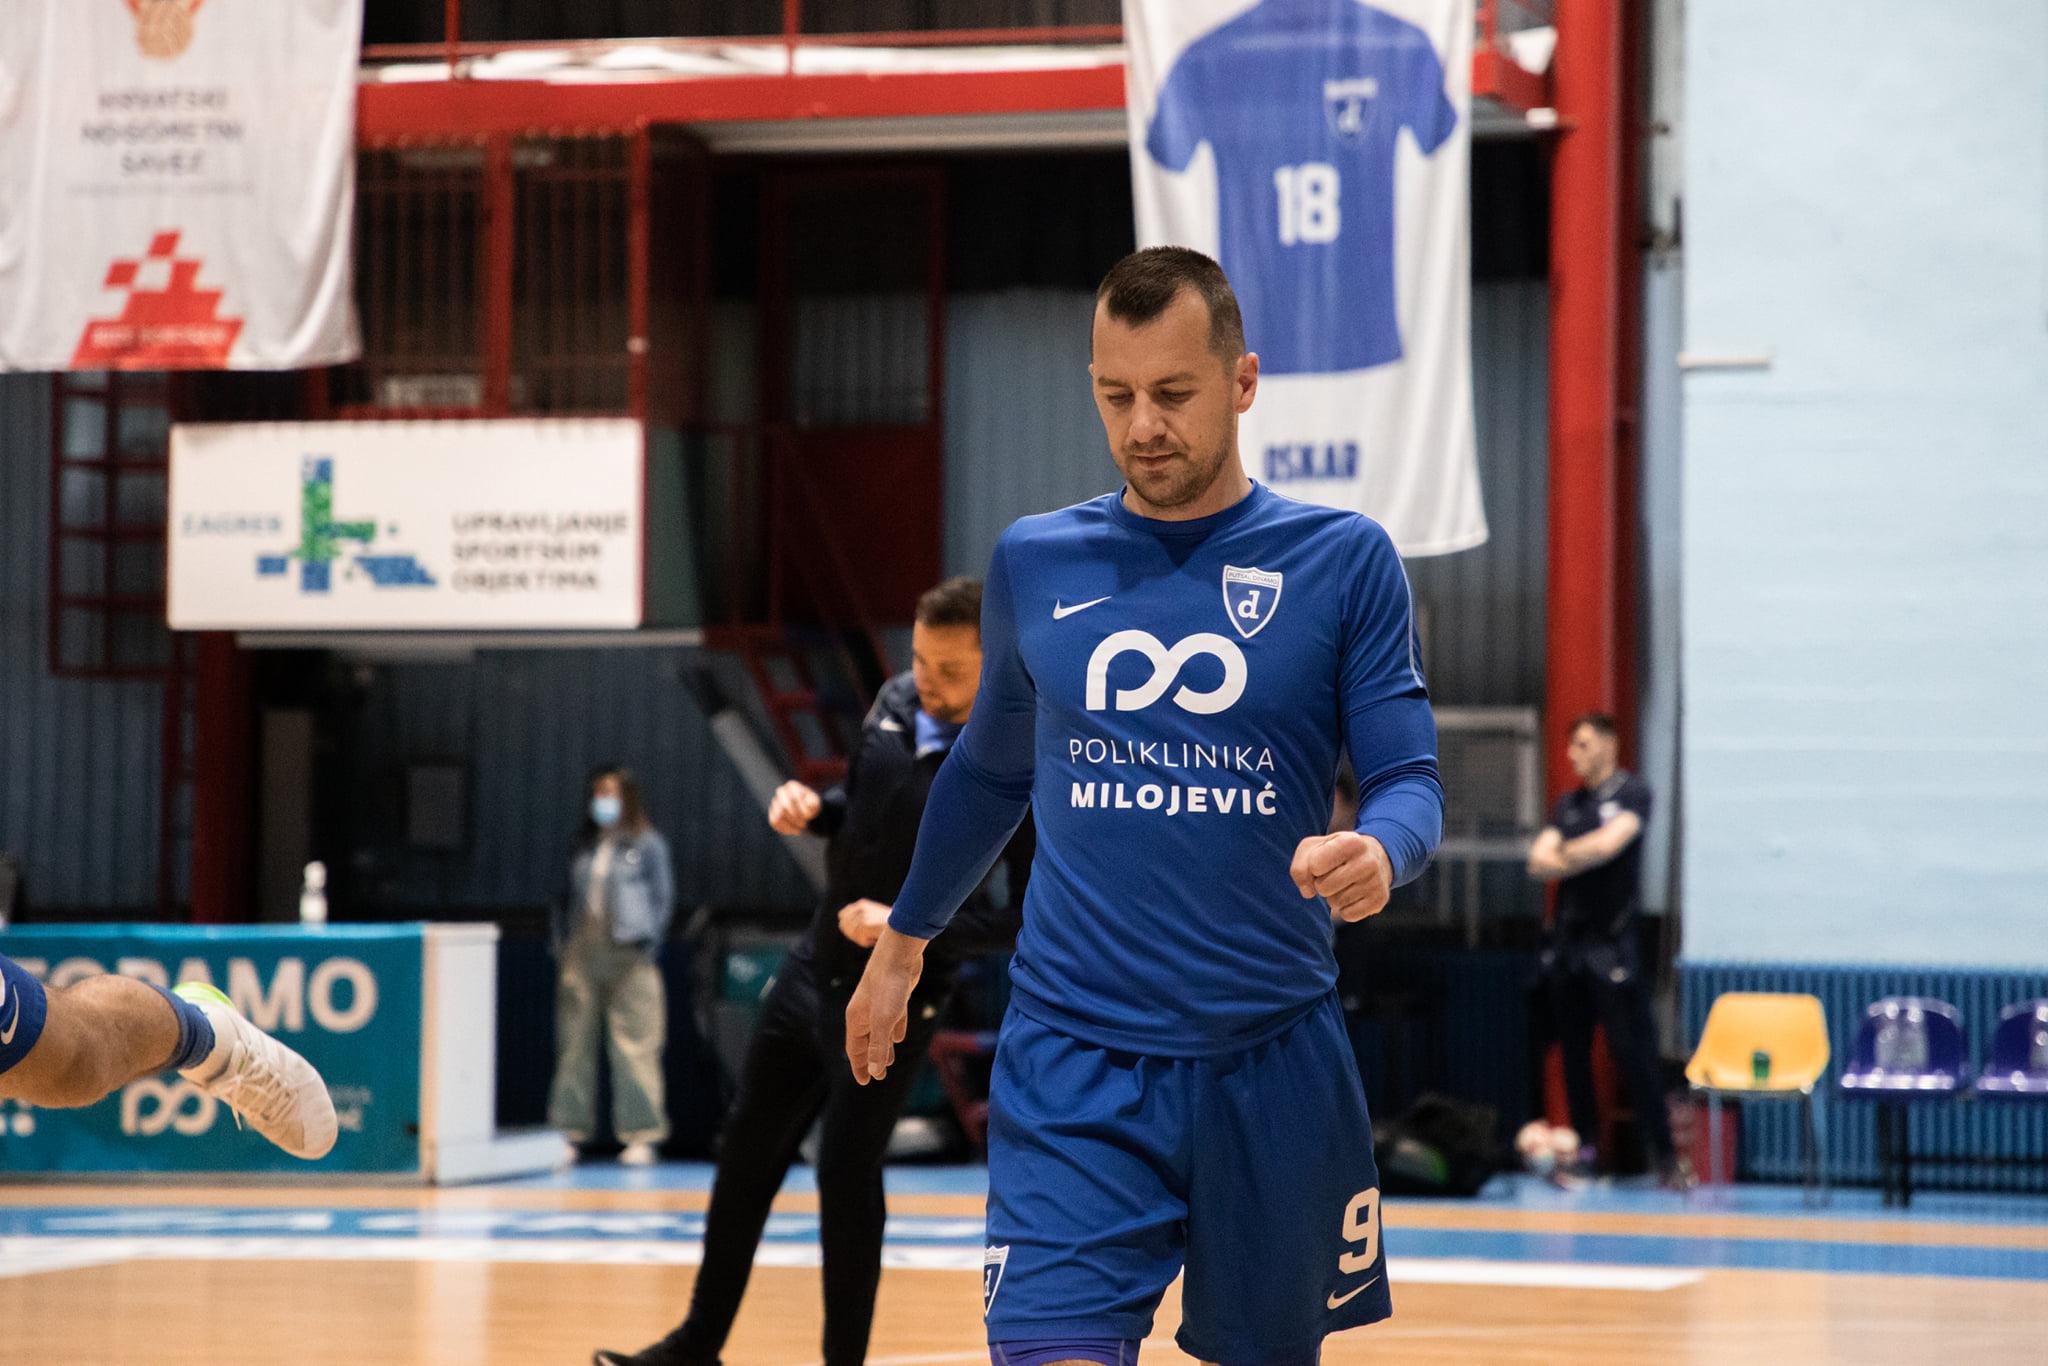 Igrač utakmice protiv Uspinjače - Penava